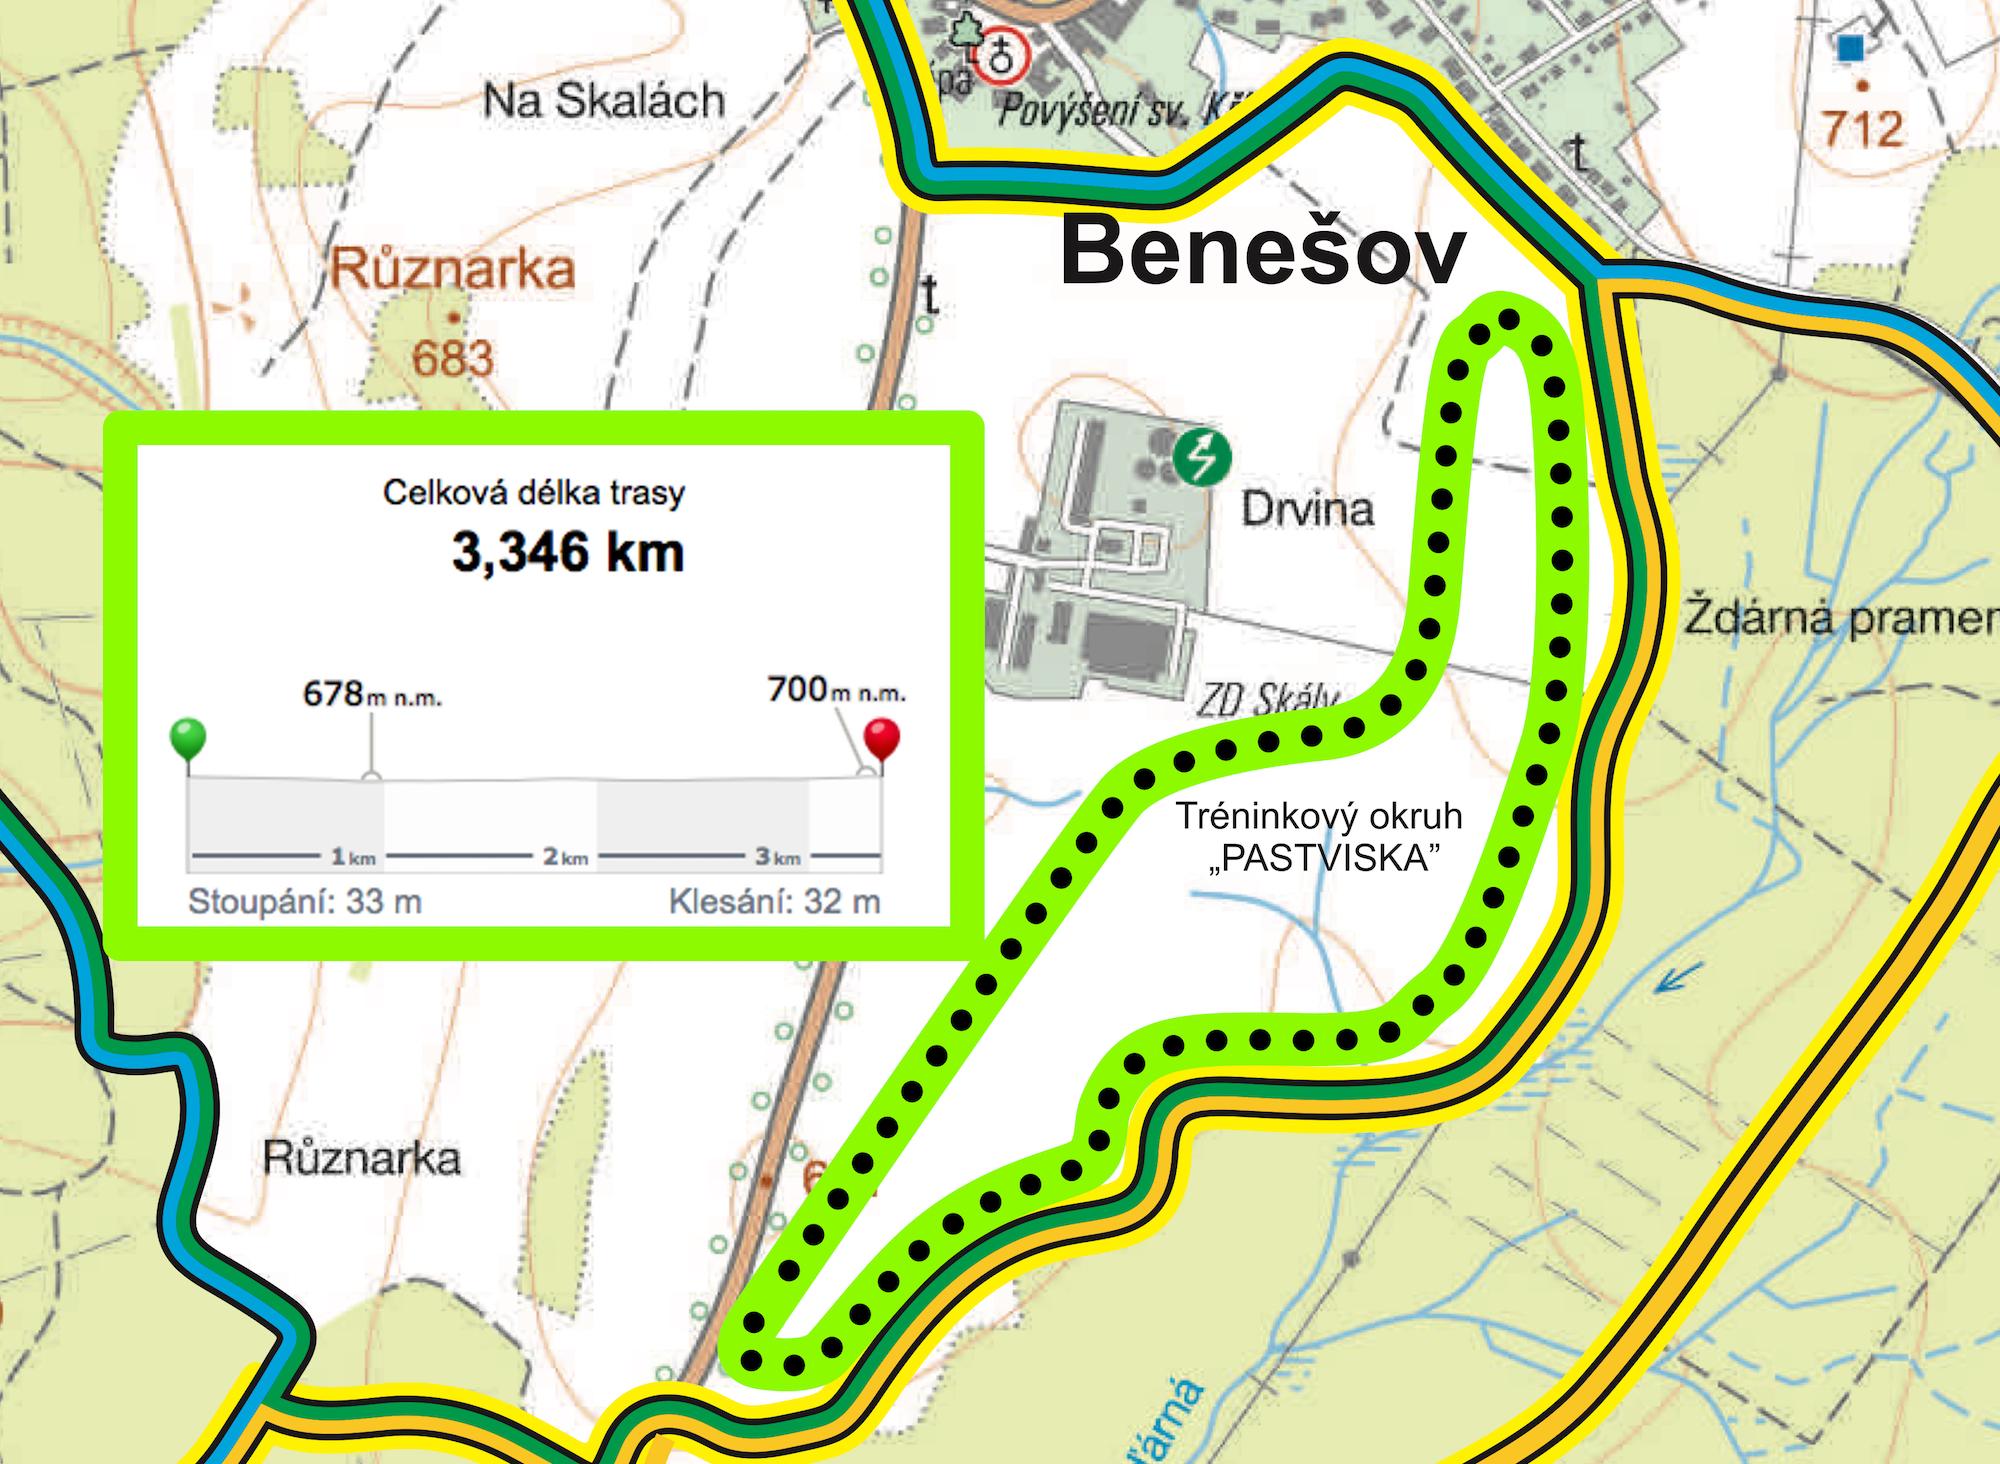 První strojově upravené trasy jsou na stadionech Benešovská Pastviska a na kořeneckém golfovém hřišti.